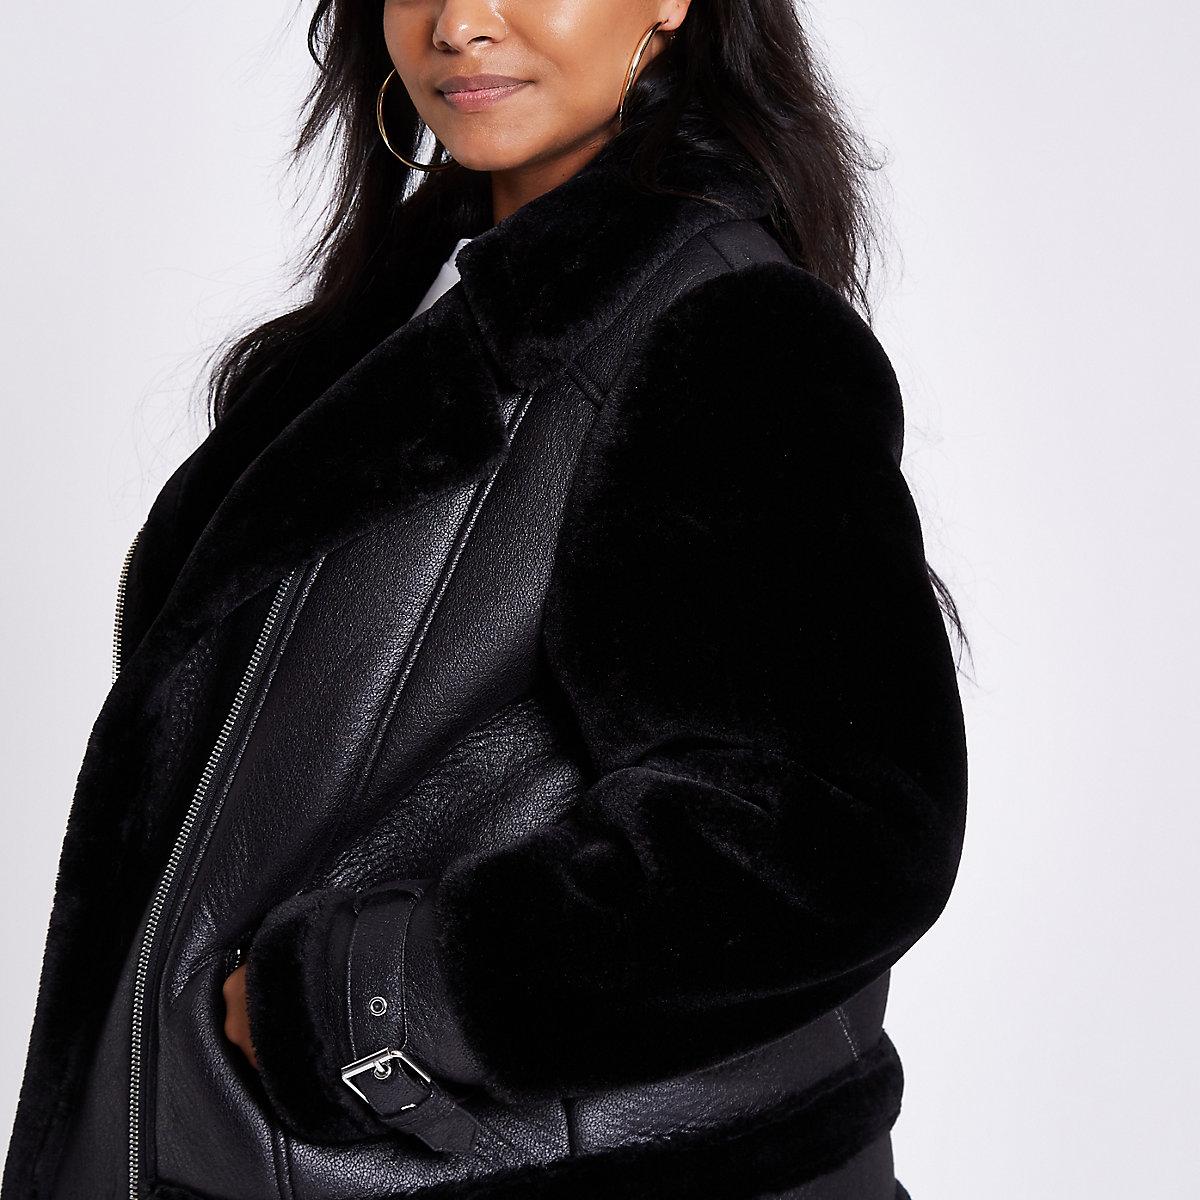 a92e5bef3de9f Plus black faux fur aviator jacket - Jackets - Coats   Jackets - women